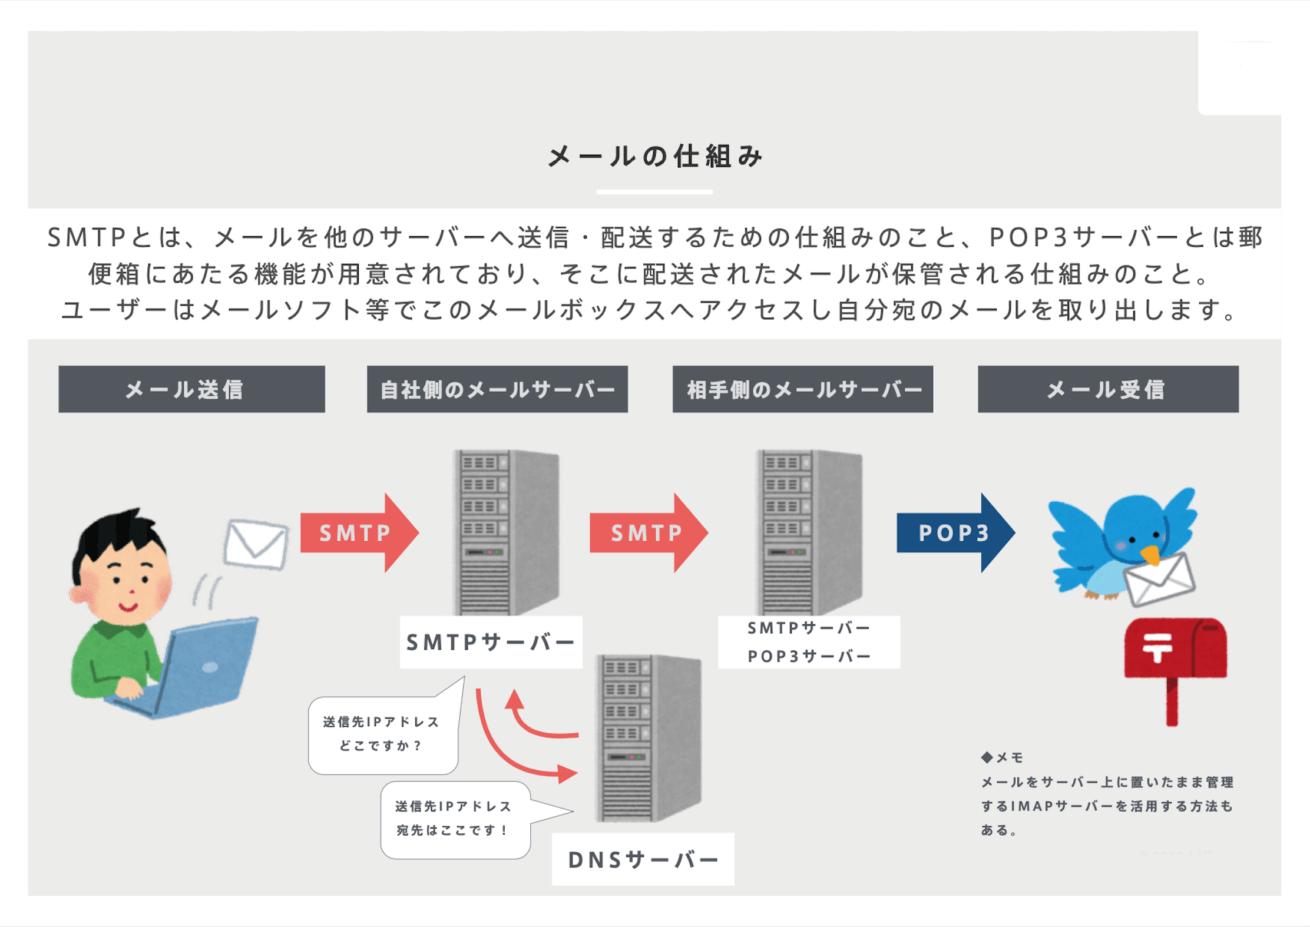 メールの仕組み図説